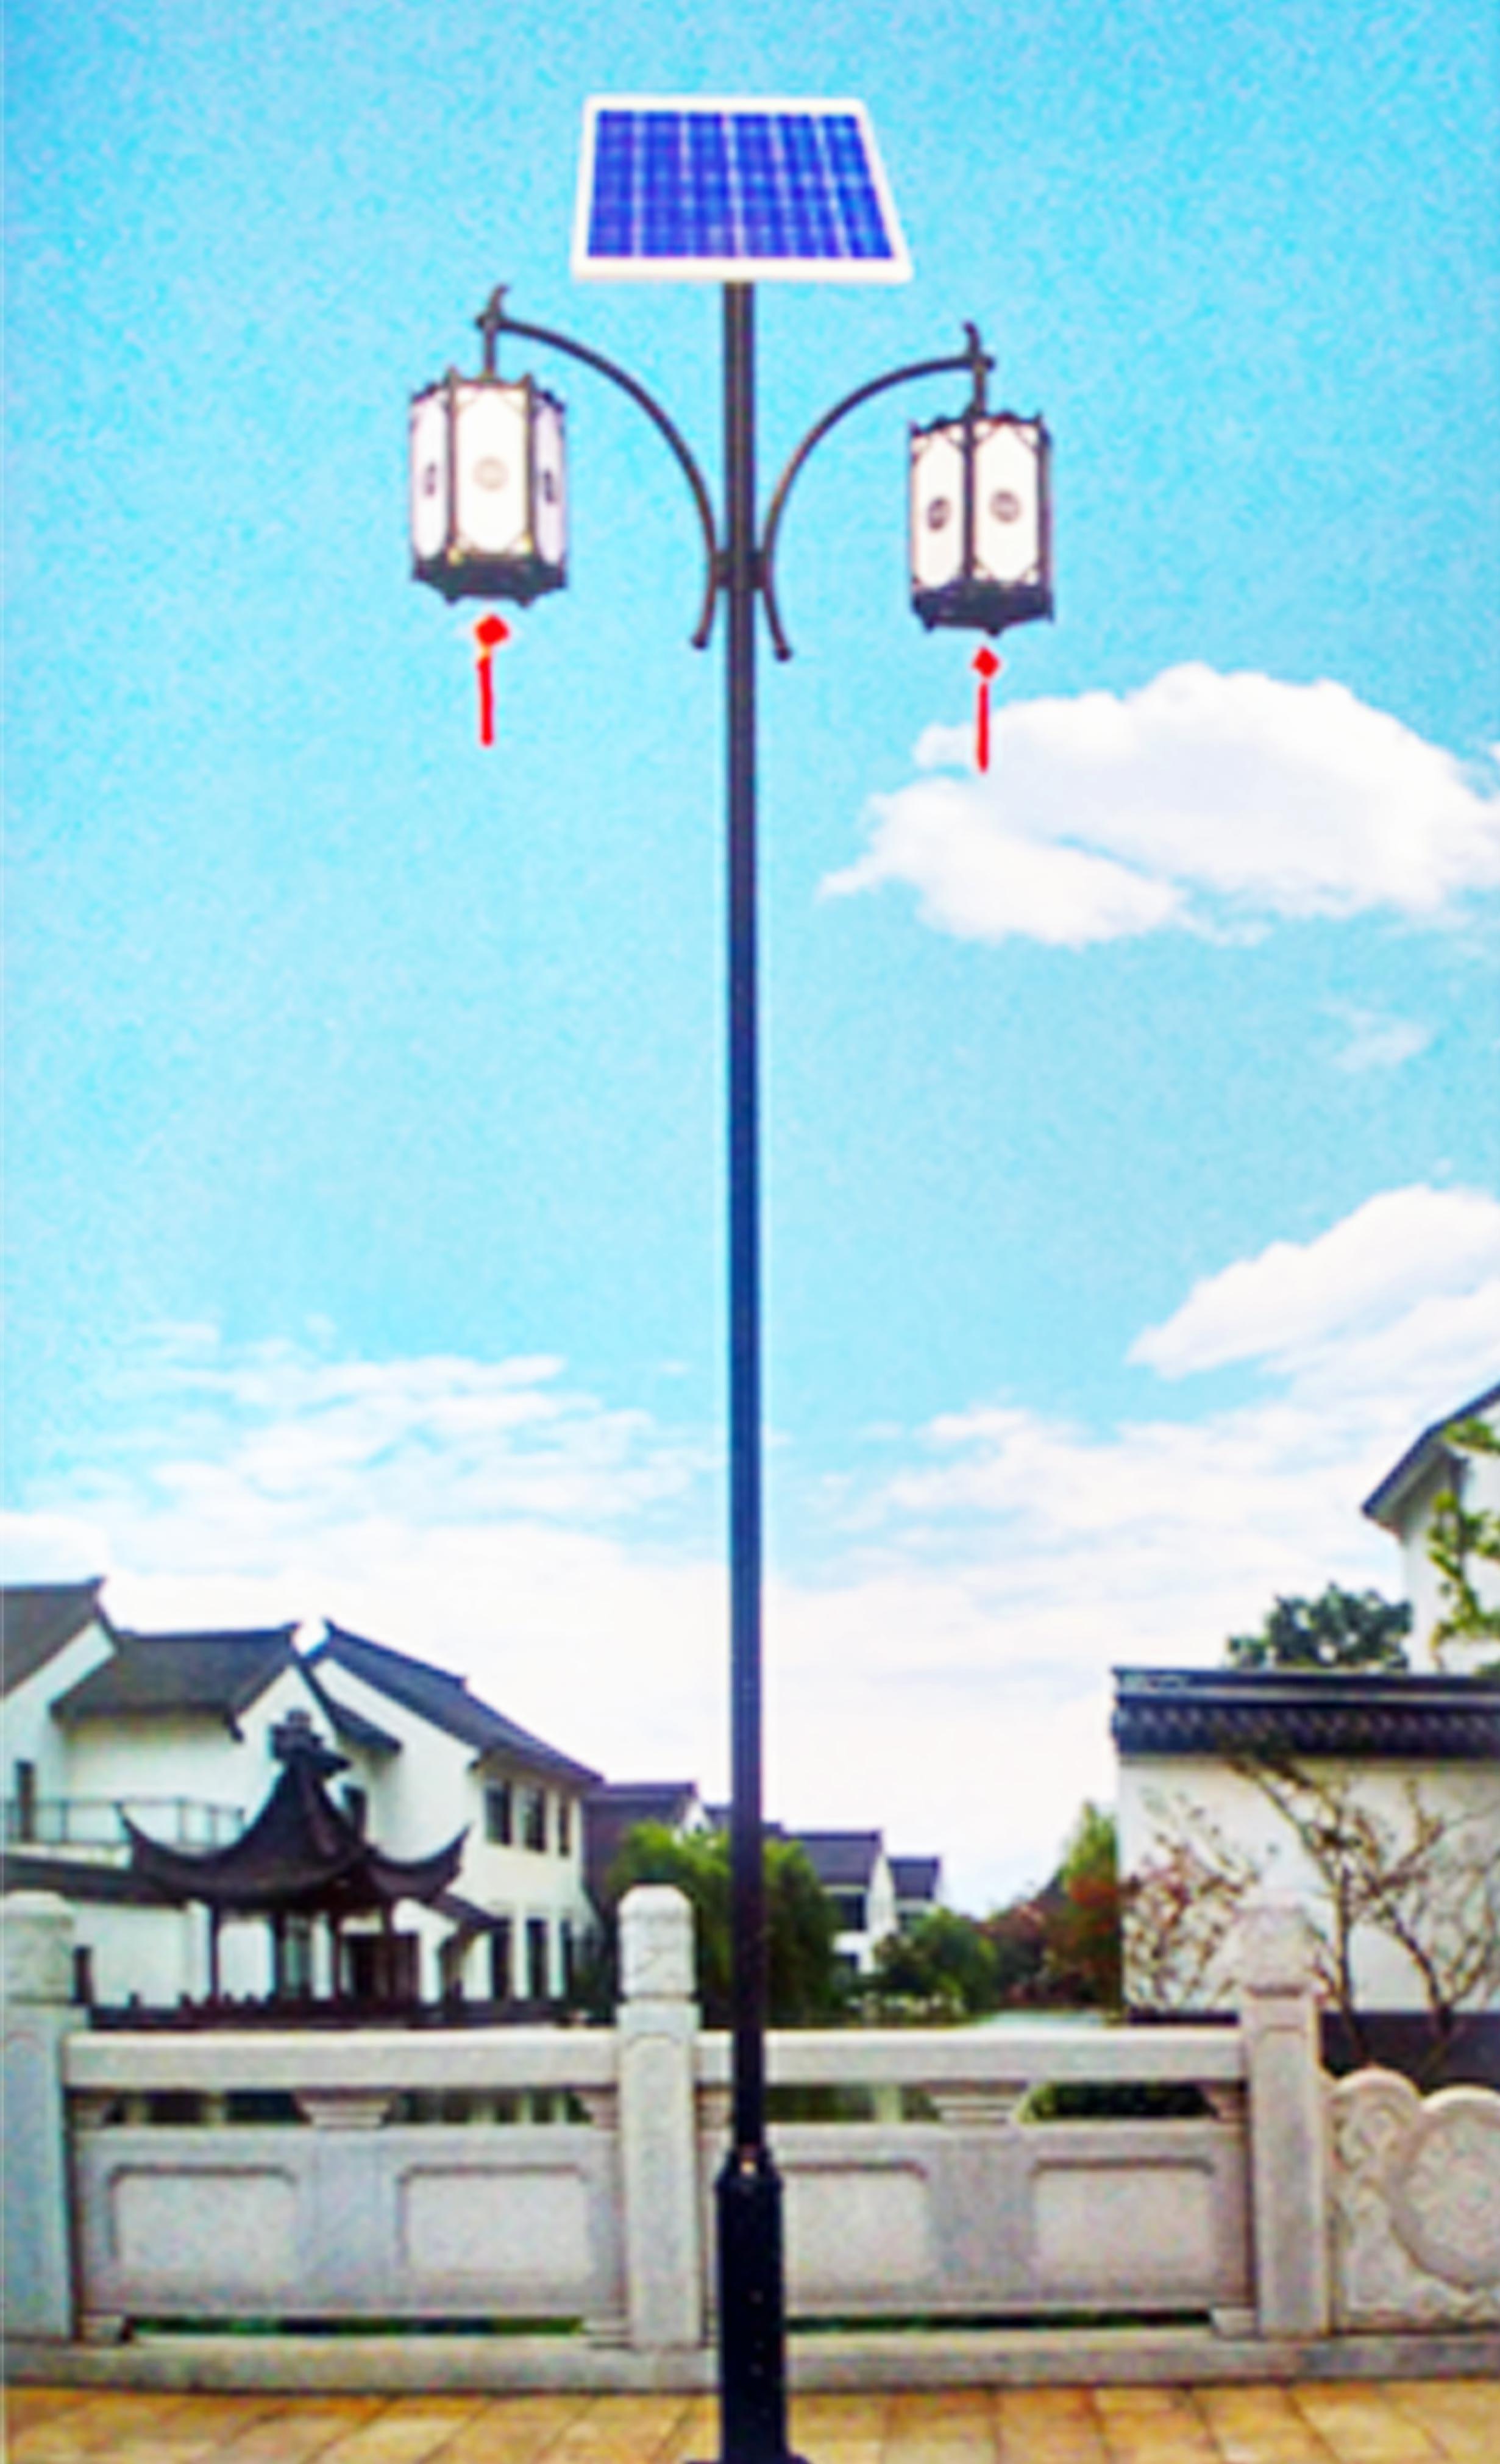 太阳能庭院路灯结构设计富有艺术感